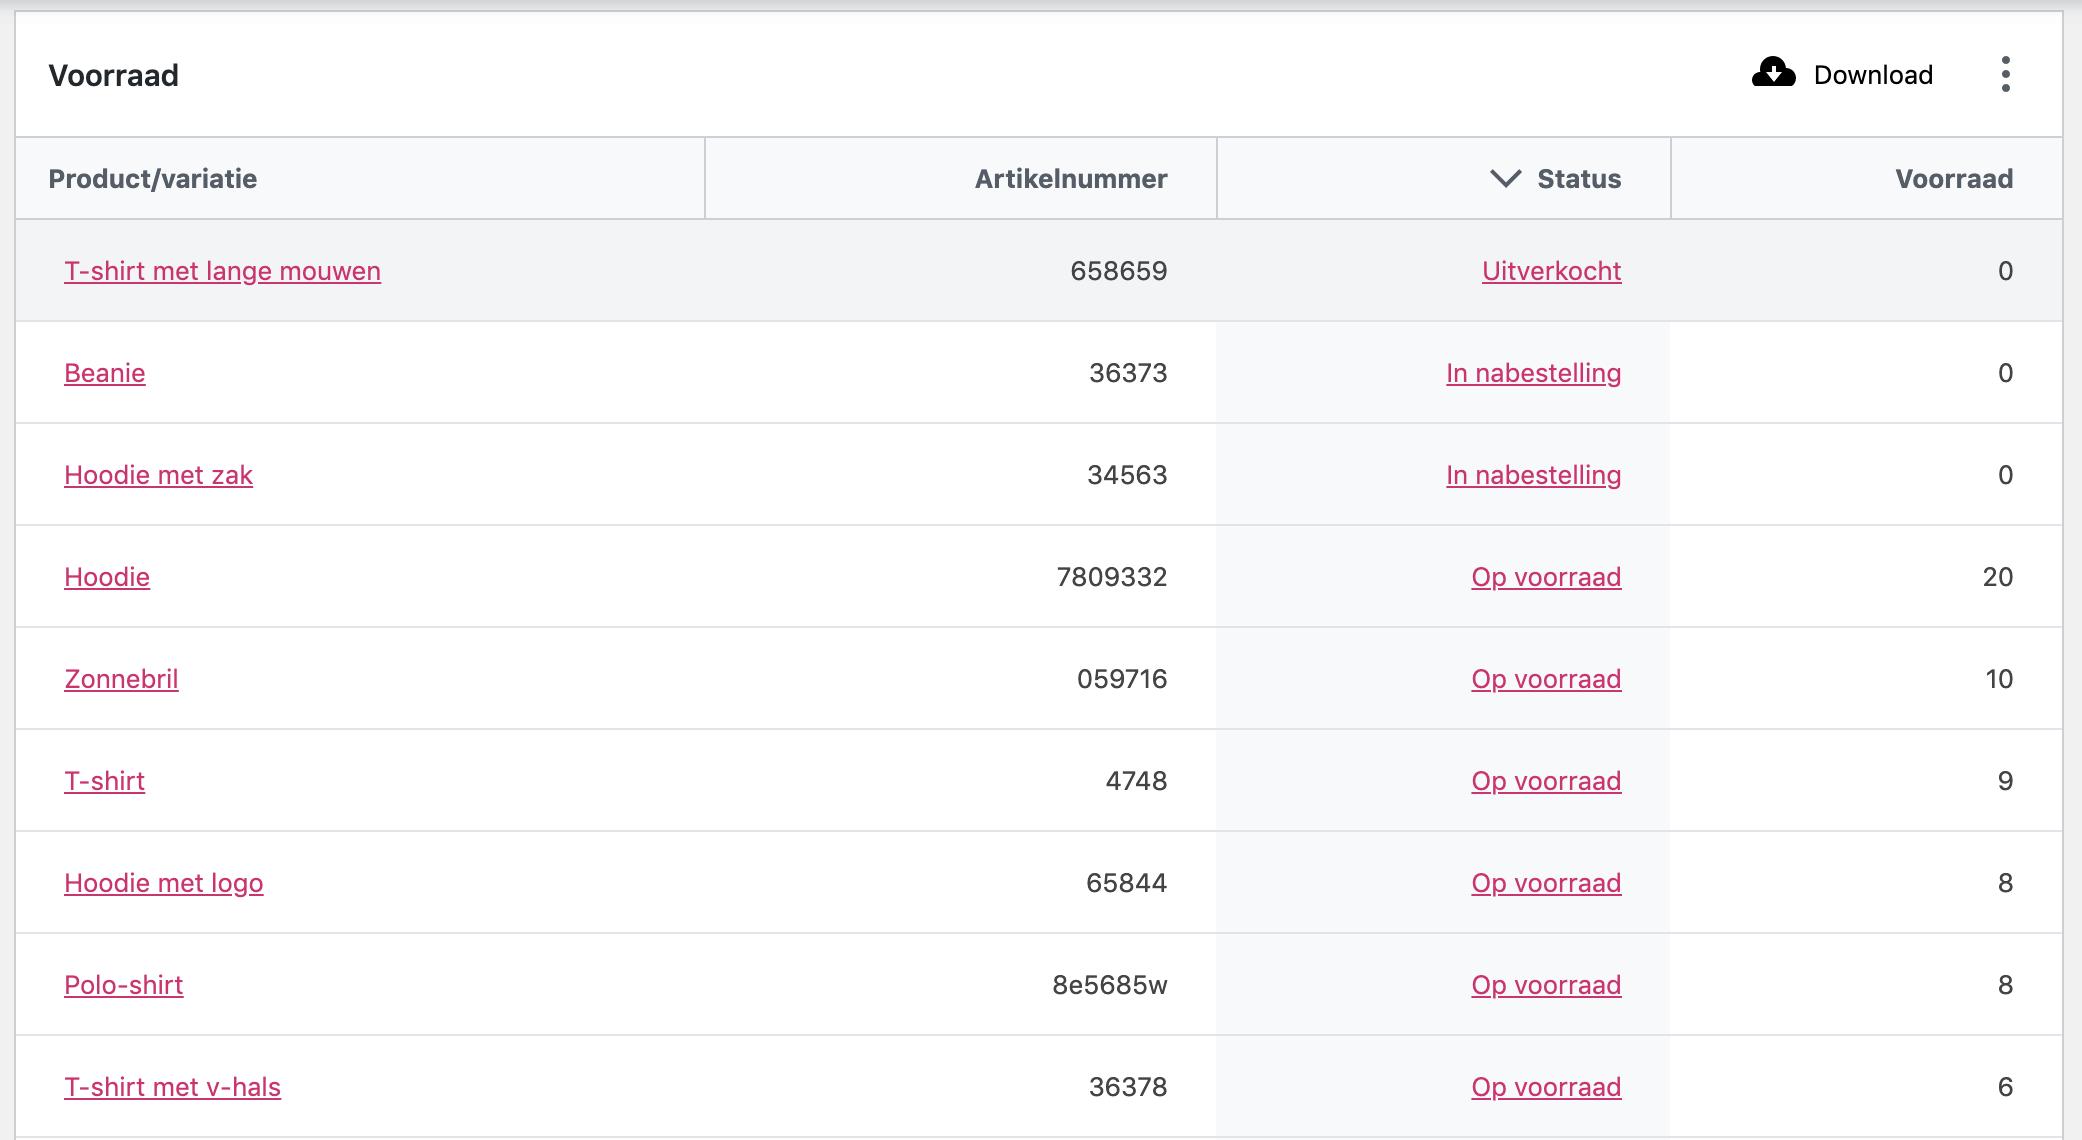 Voorraadoverzicht van producten in je WooCommerce-webshop.